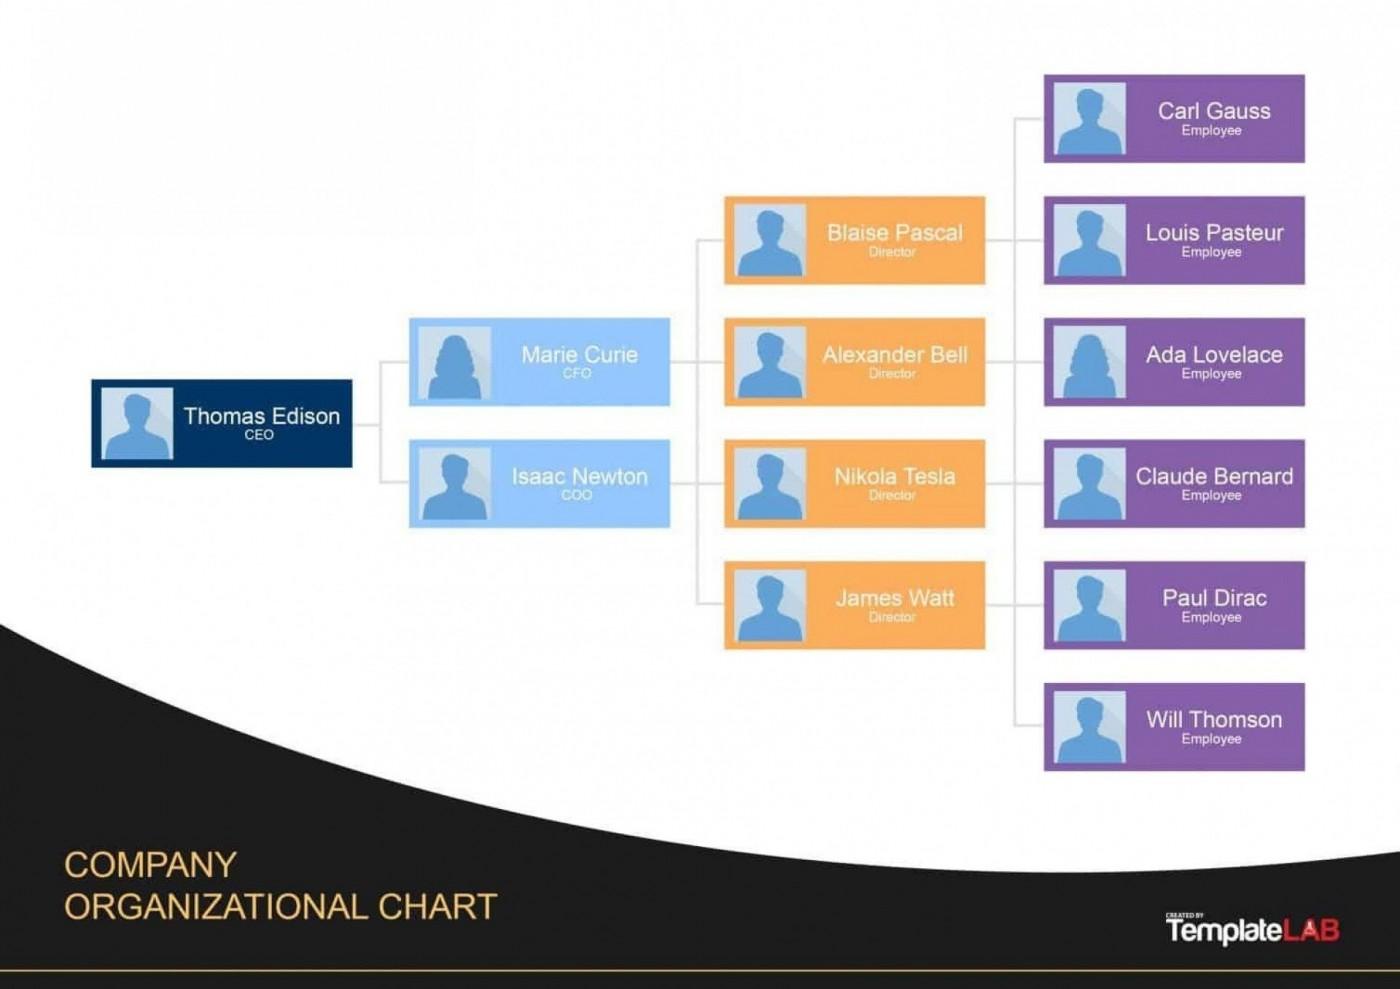 008 Marvelou Organization Chart Template Word 2013 Inspiration  Organizational Free Microsoft1400